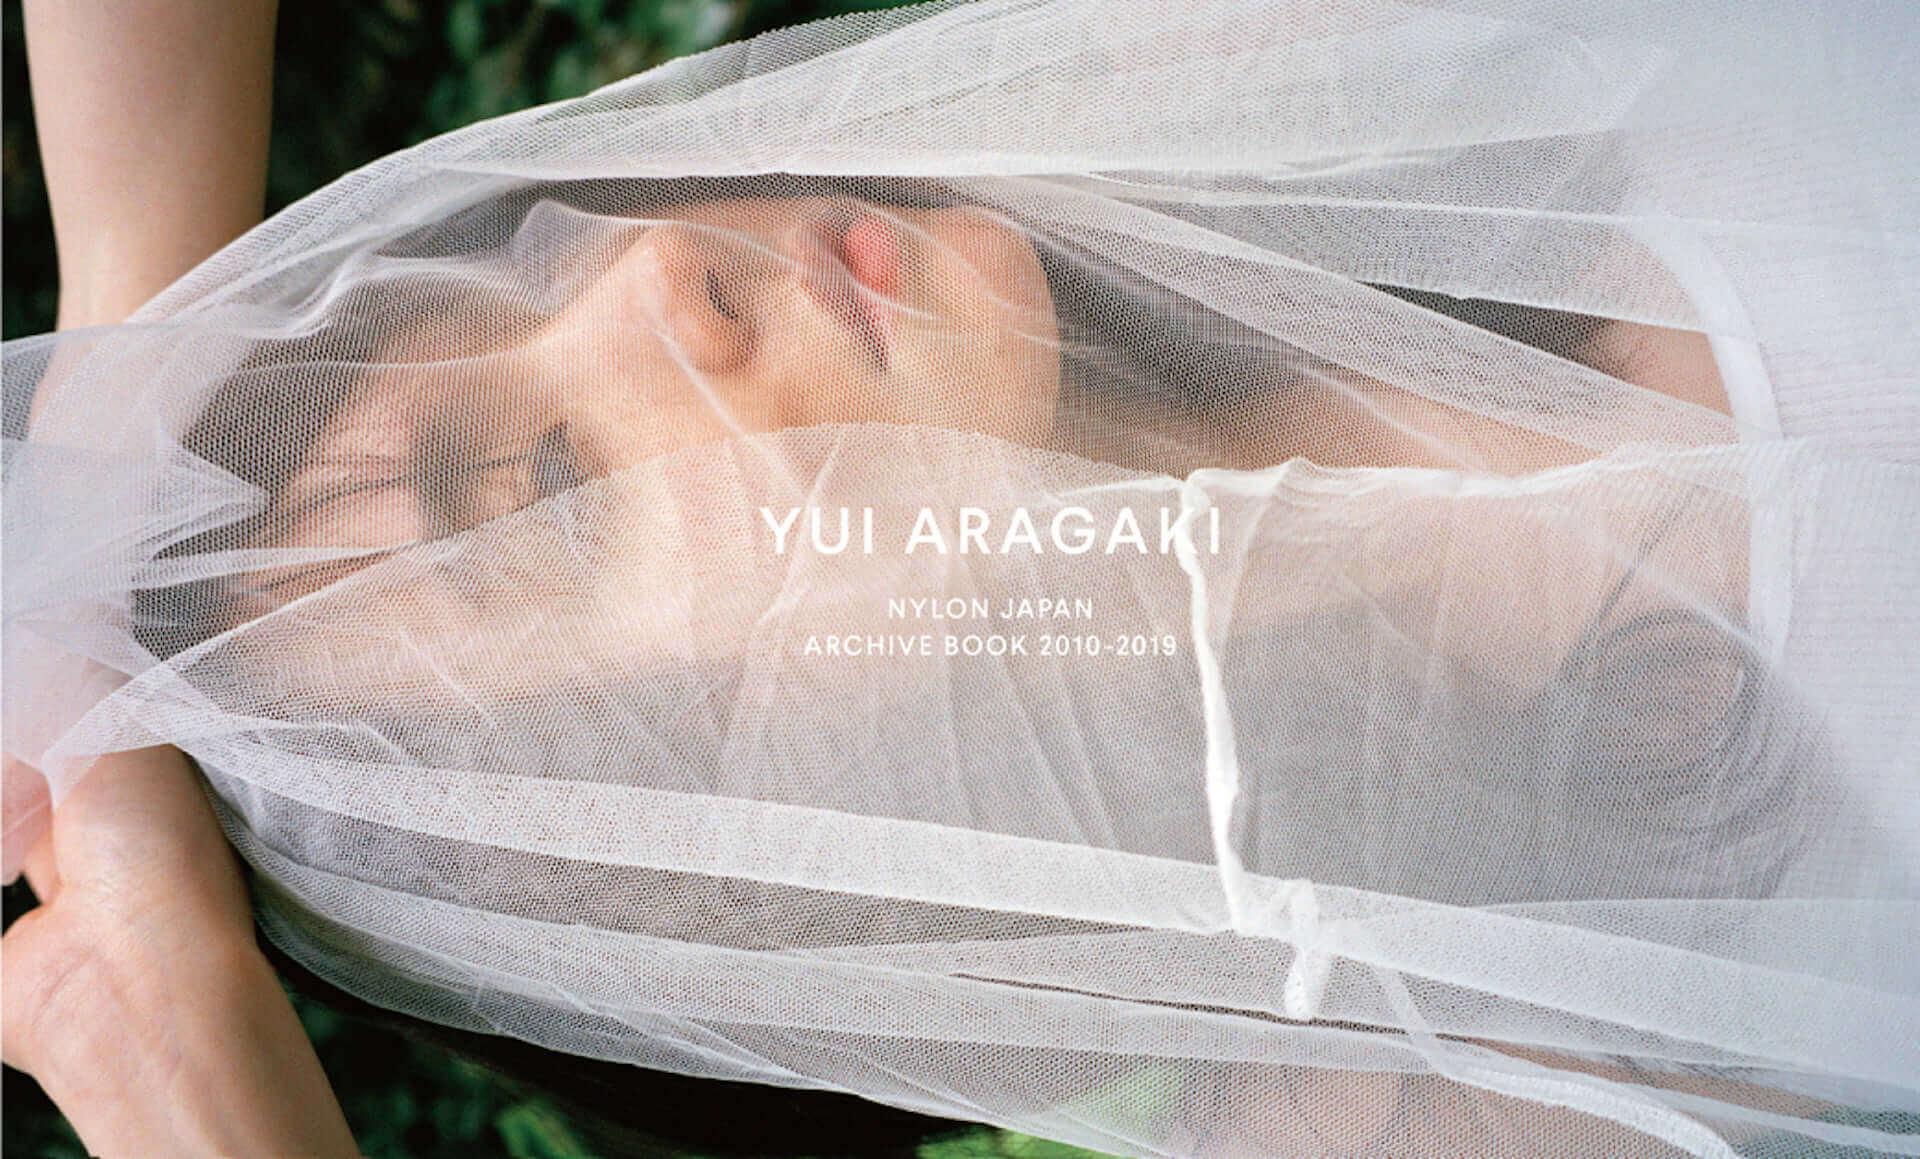 31歳のありのままの新垣結衣が見られる自身初の写真展が渋谷PARCO・GALLERY Xで開催決定! art200629_aragakiyui_3